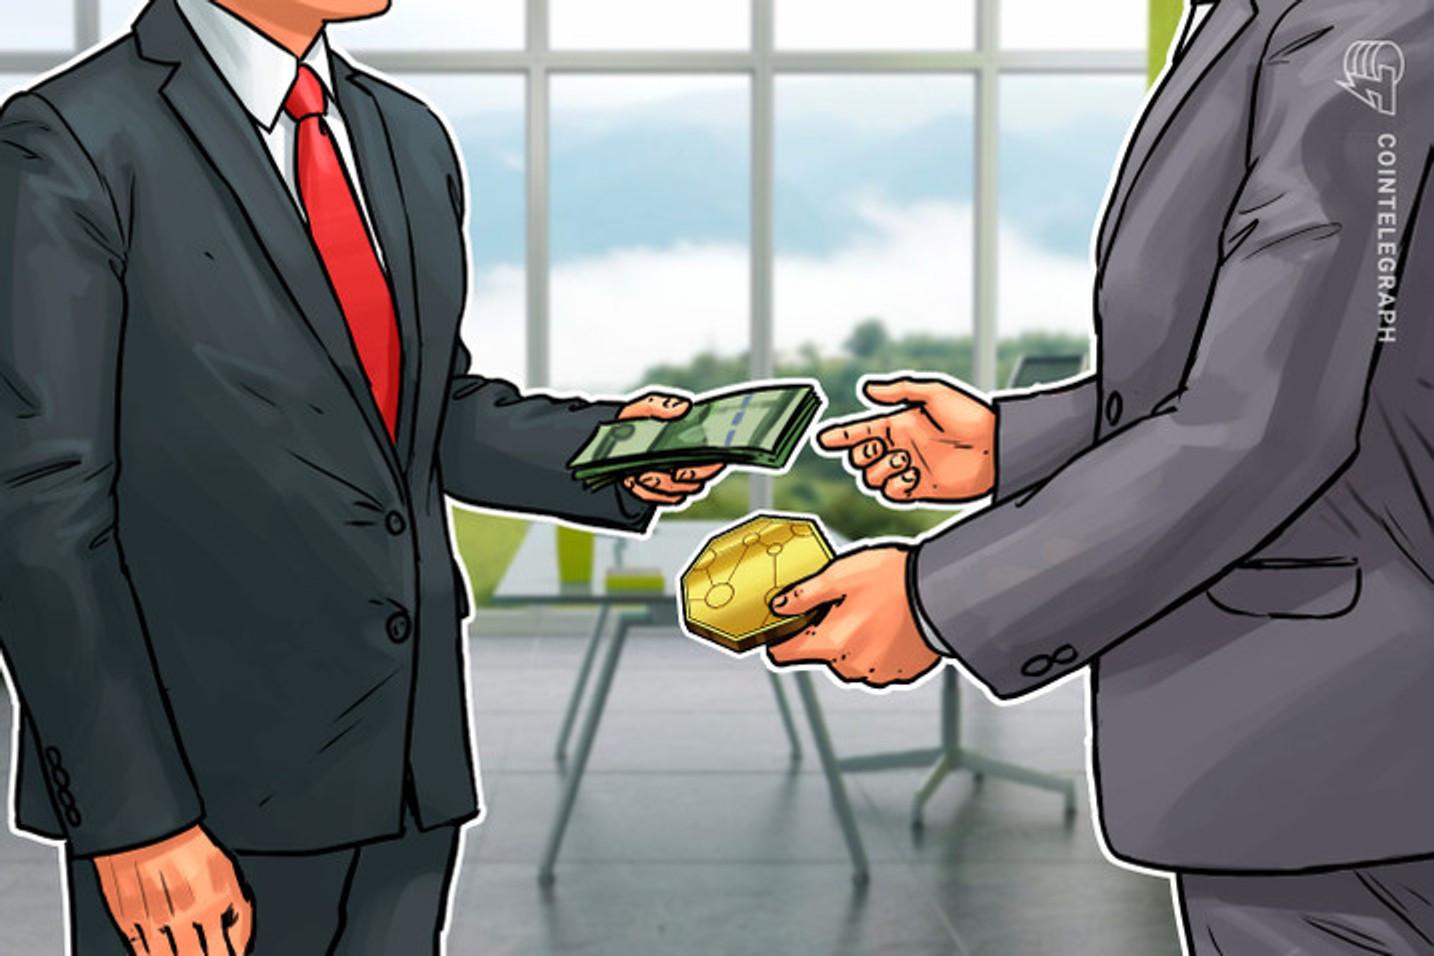 Banco Central do Brasil inova e libera uso de blockchain como assinatura eletrônica no mercado de câmbio